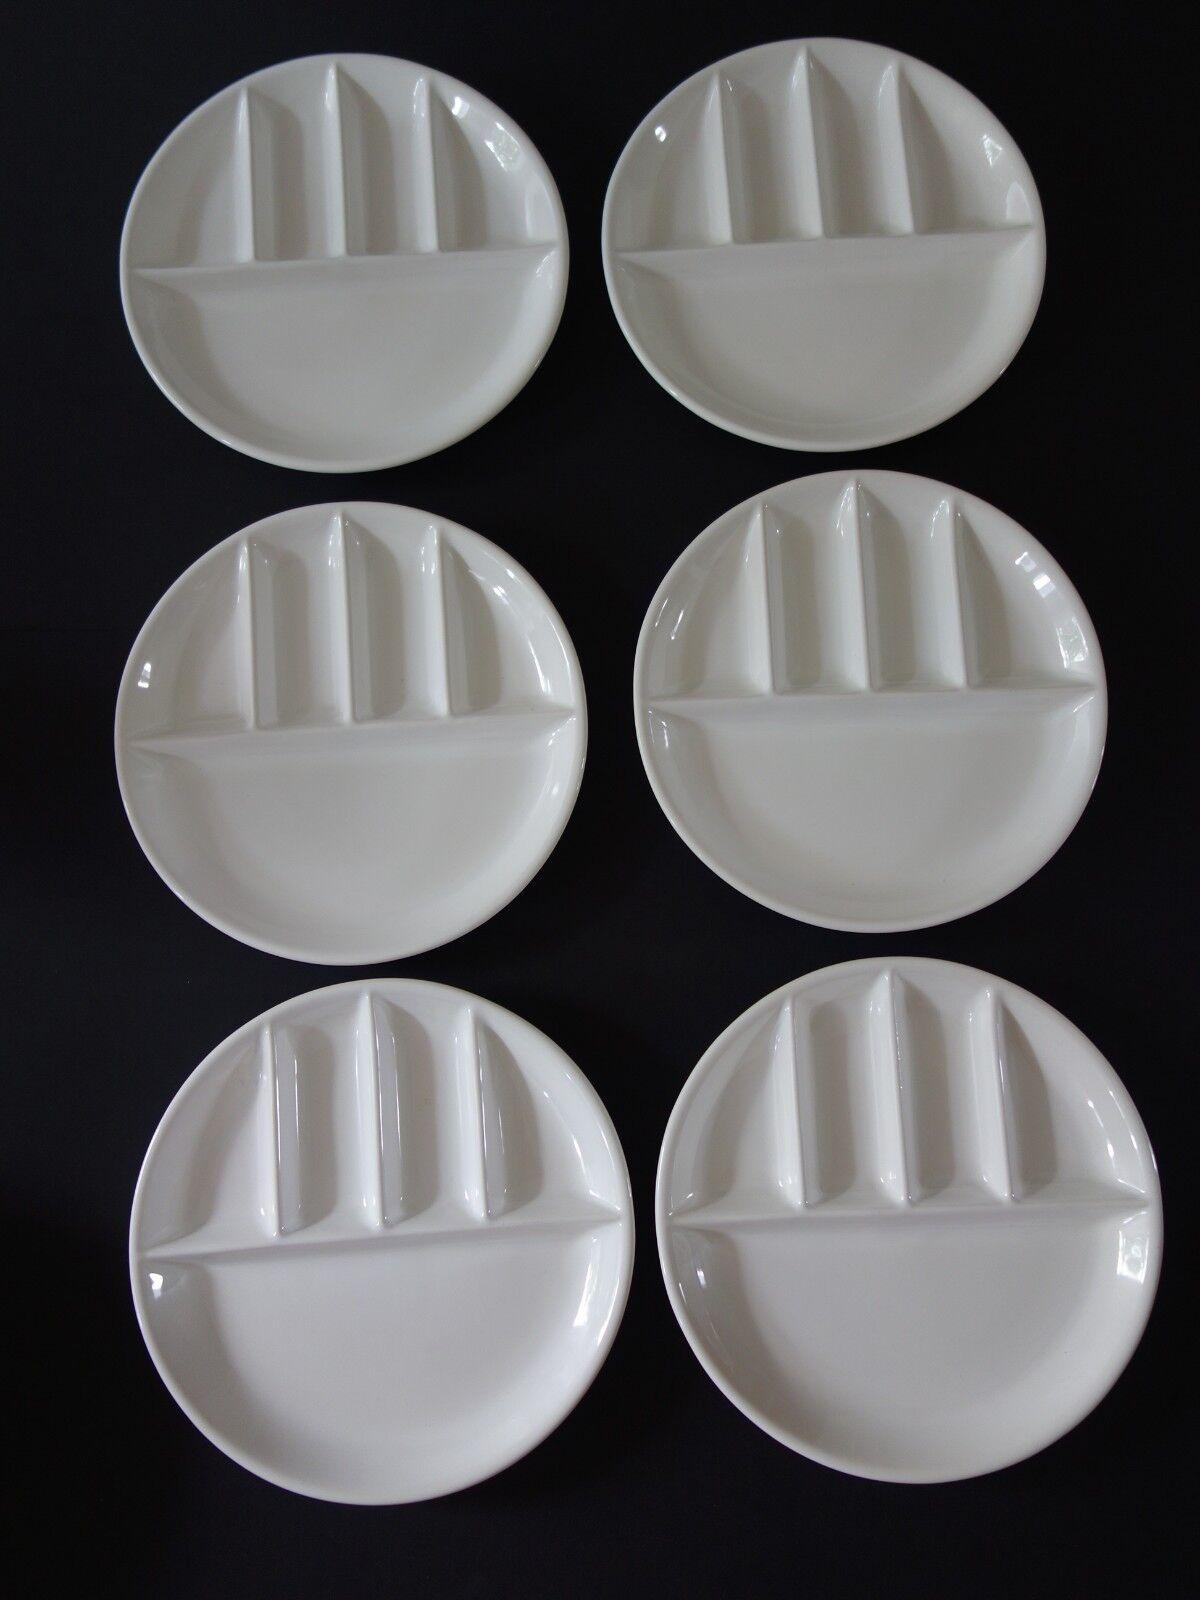 6 STAUB France FONDUETELLER Teller Raclette Antipasti Keramik weiß VINTAGE top     Sonderangebot